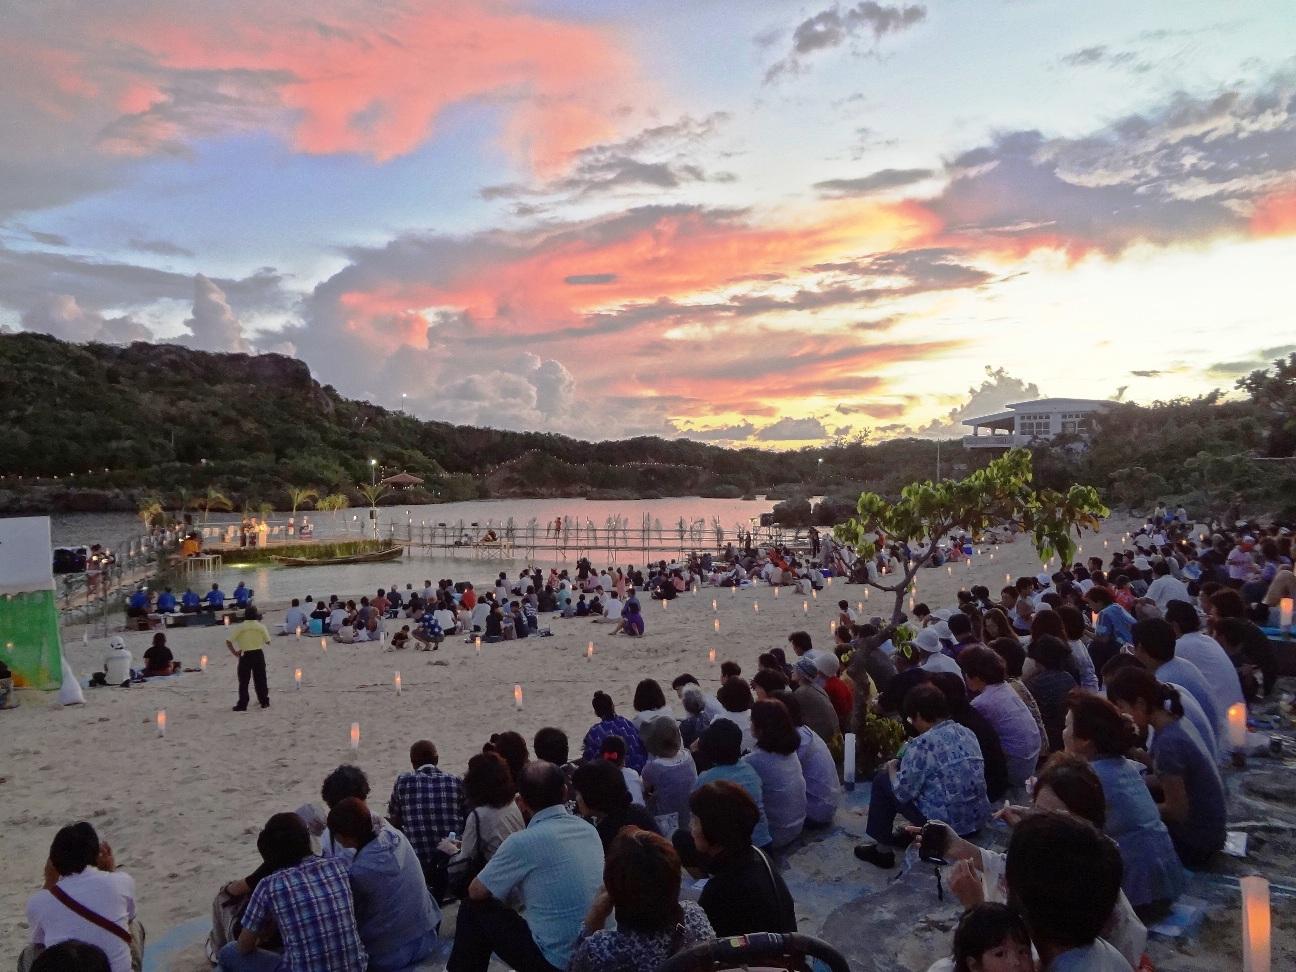 この日のためだけに造られた海上ステージ。夕暮れ時に予選を勝ち抜いた唄者さんの唄三線が響き渡ります。